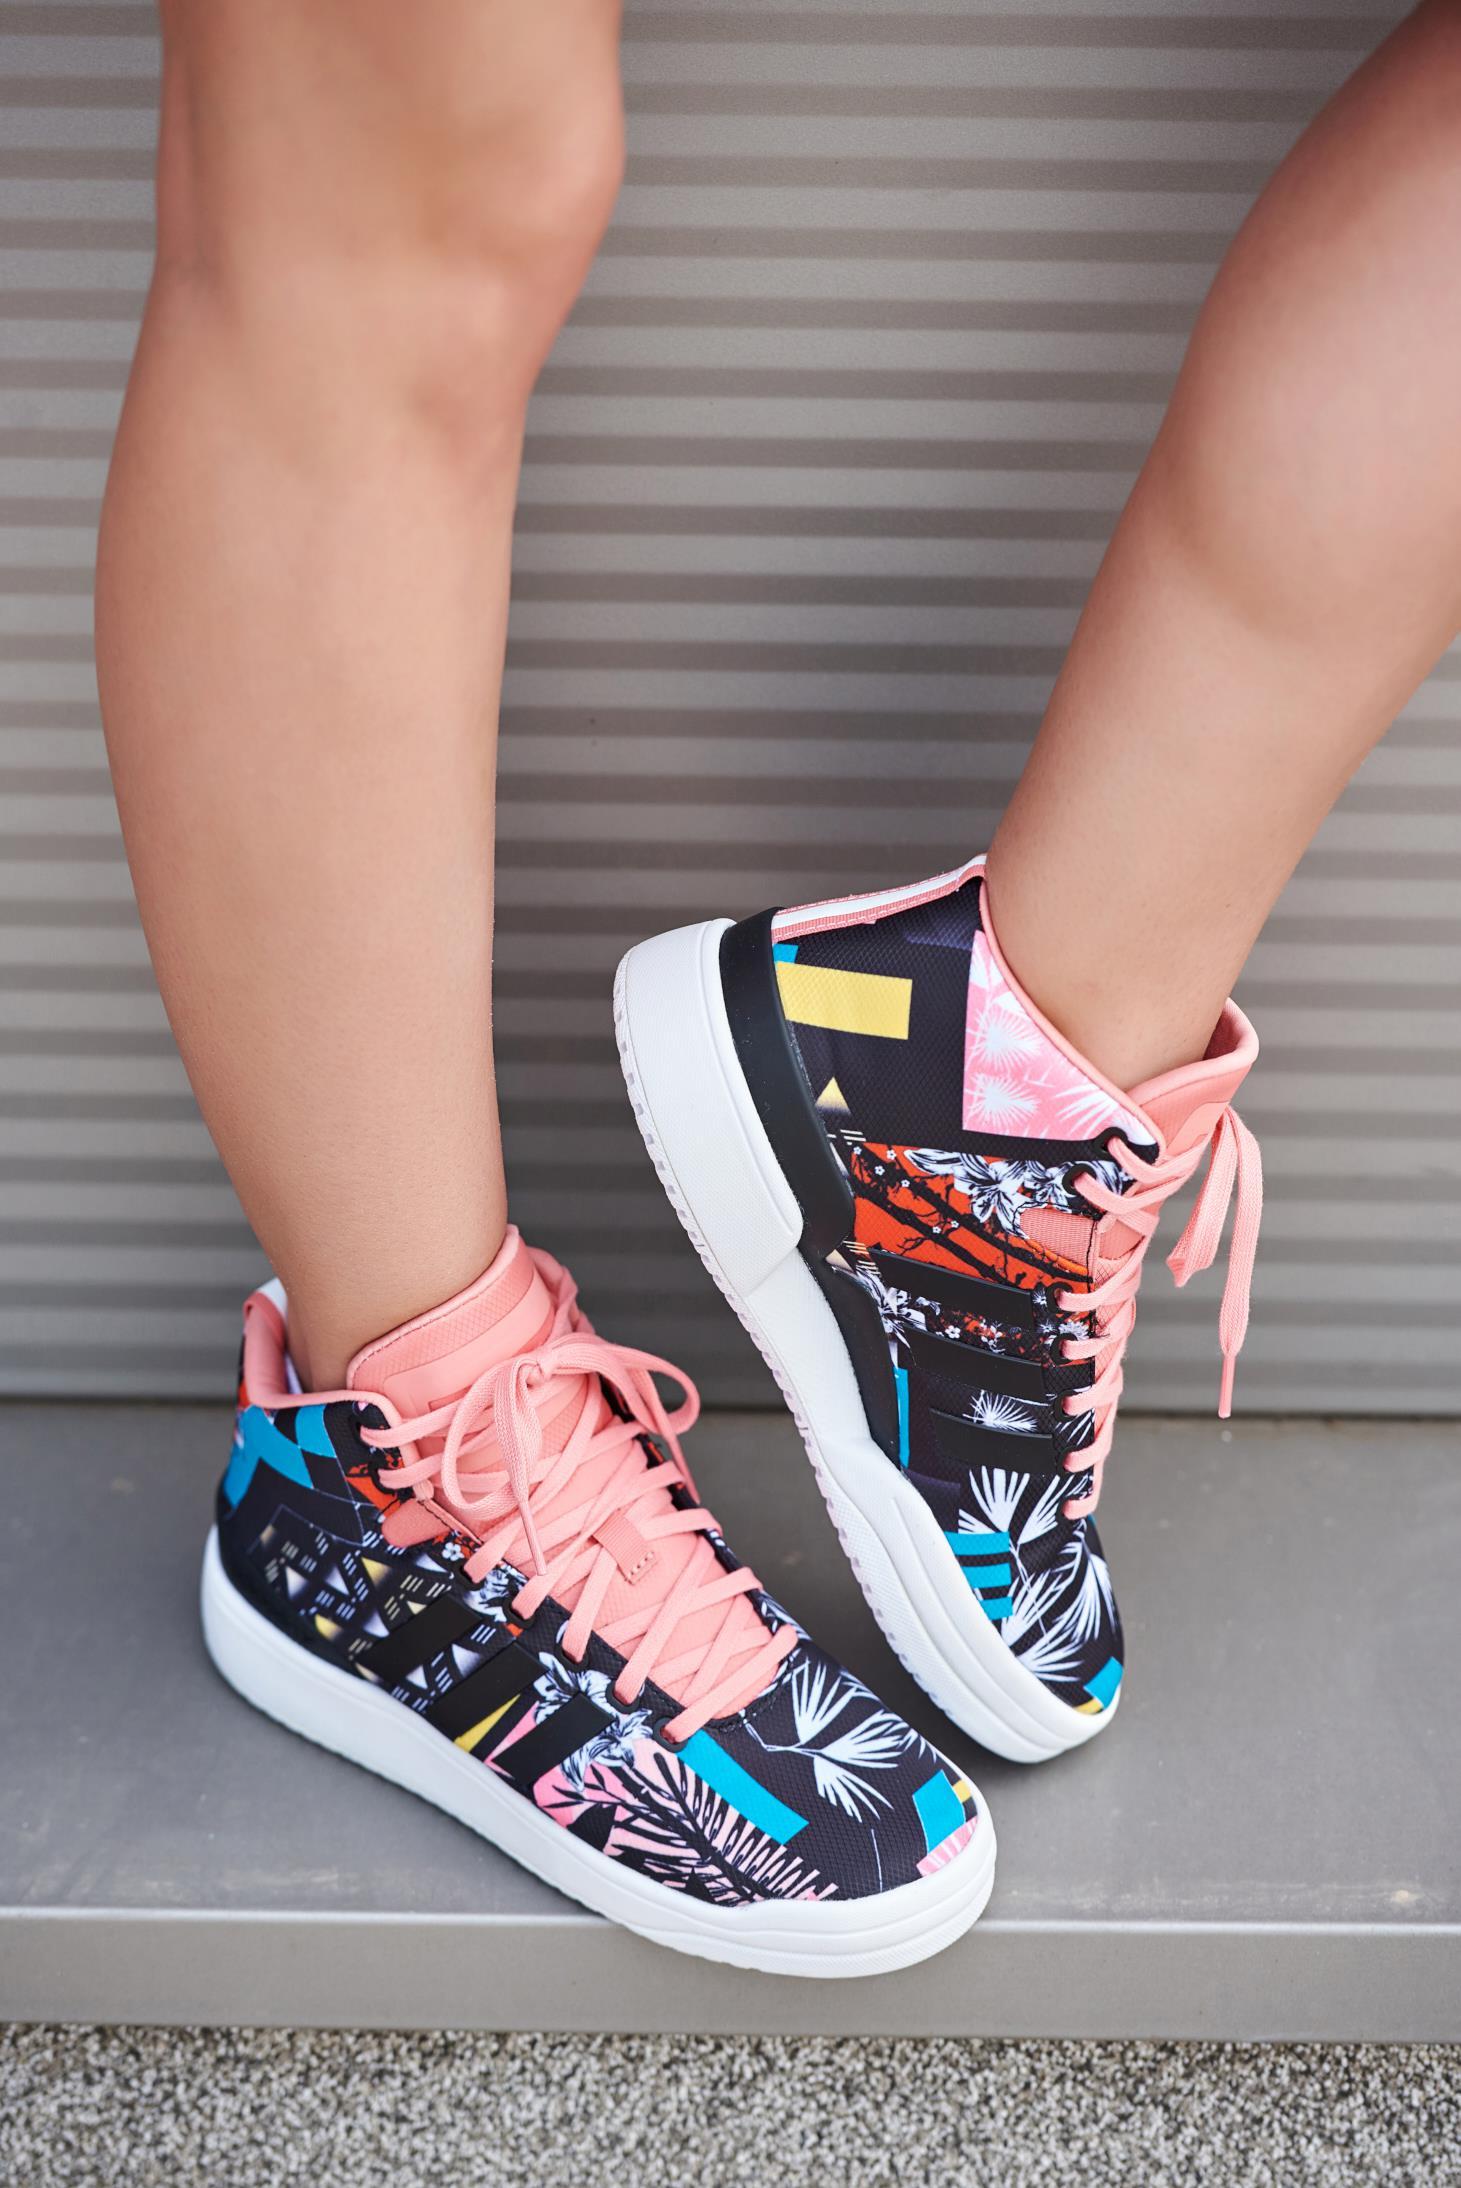 Fekete Adidas originals sport cipő virágmintás díszítéssel fűzővel köthető  meg 35ec9efdaf